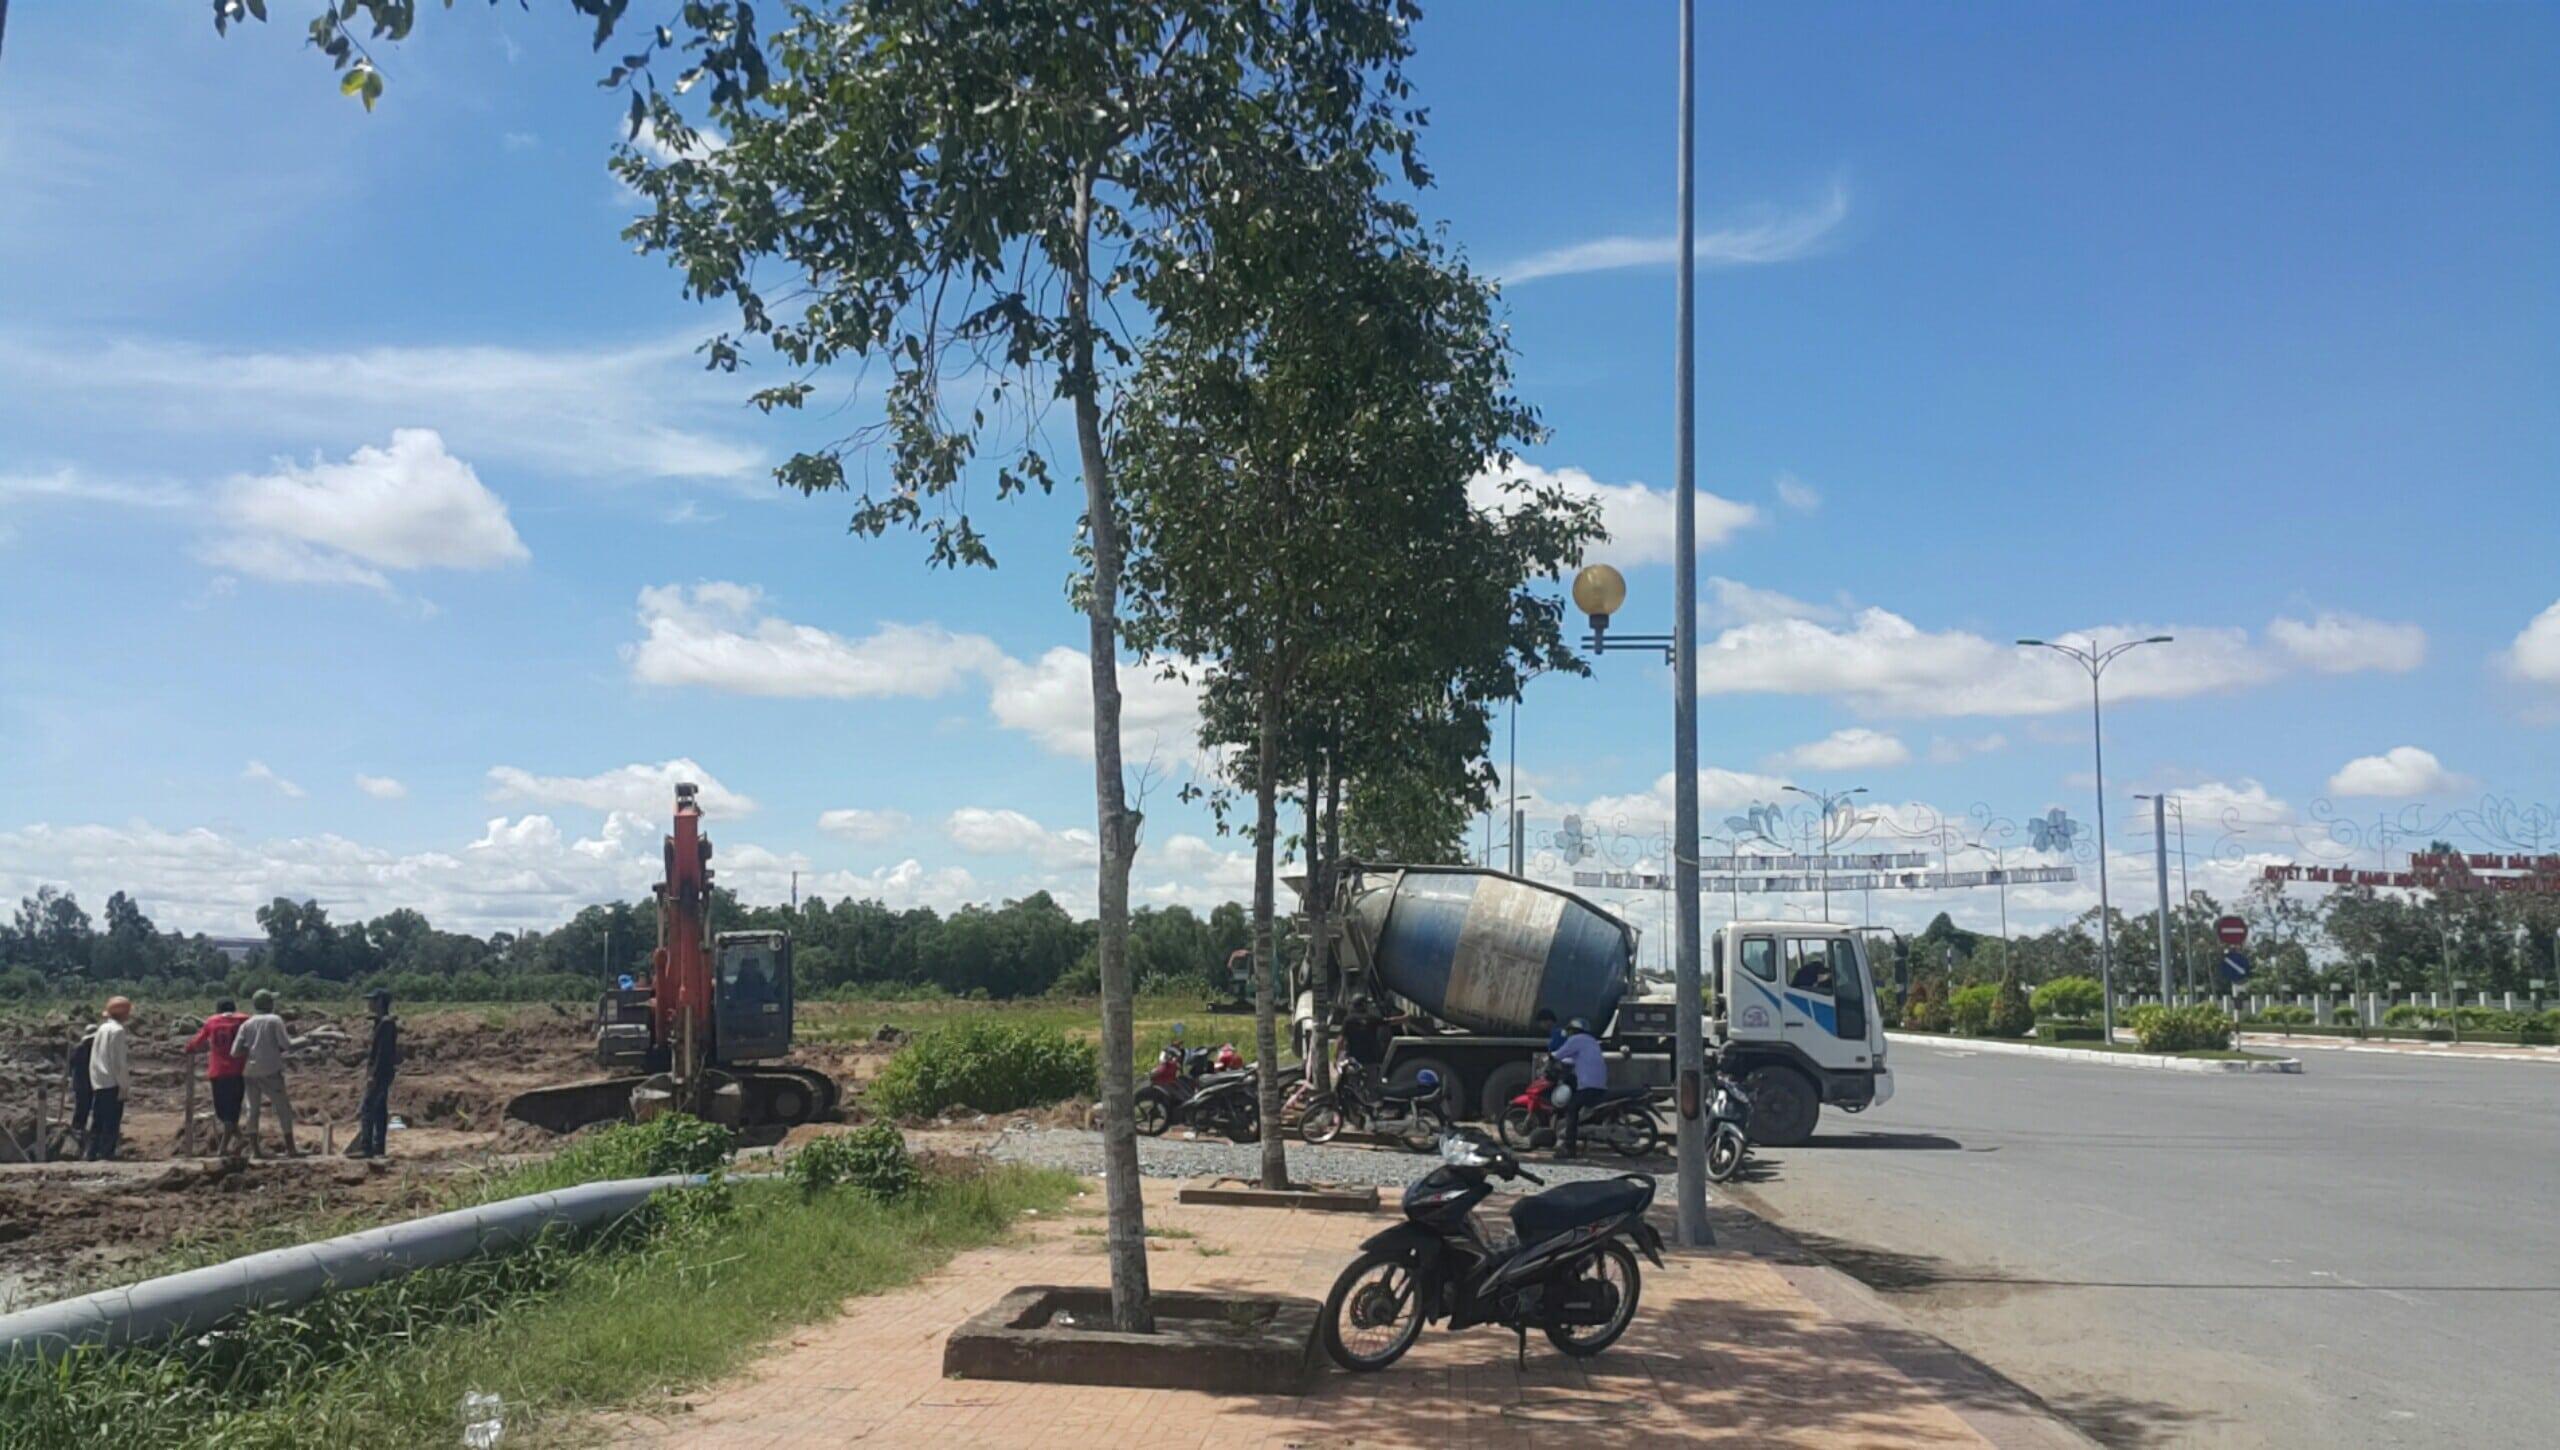 Hinh anh tien do thi cong DIC Victory City Hau Giang - Hinh-anh-tien-do-thi-cong-DIC-Victory-City-Hau-Giang